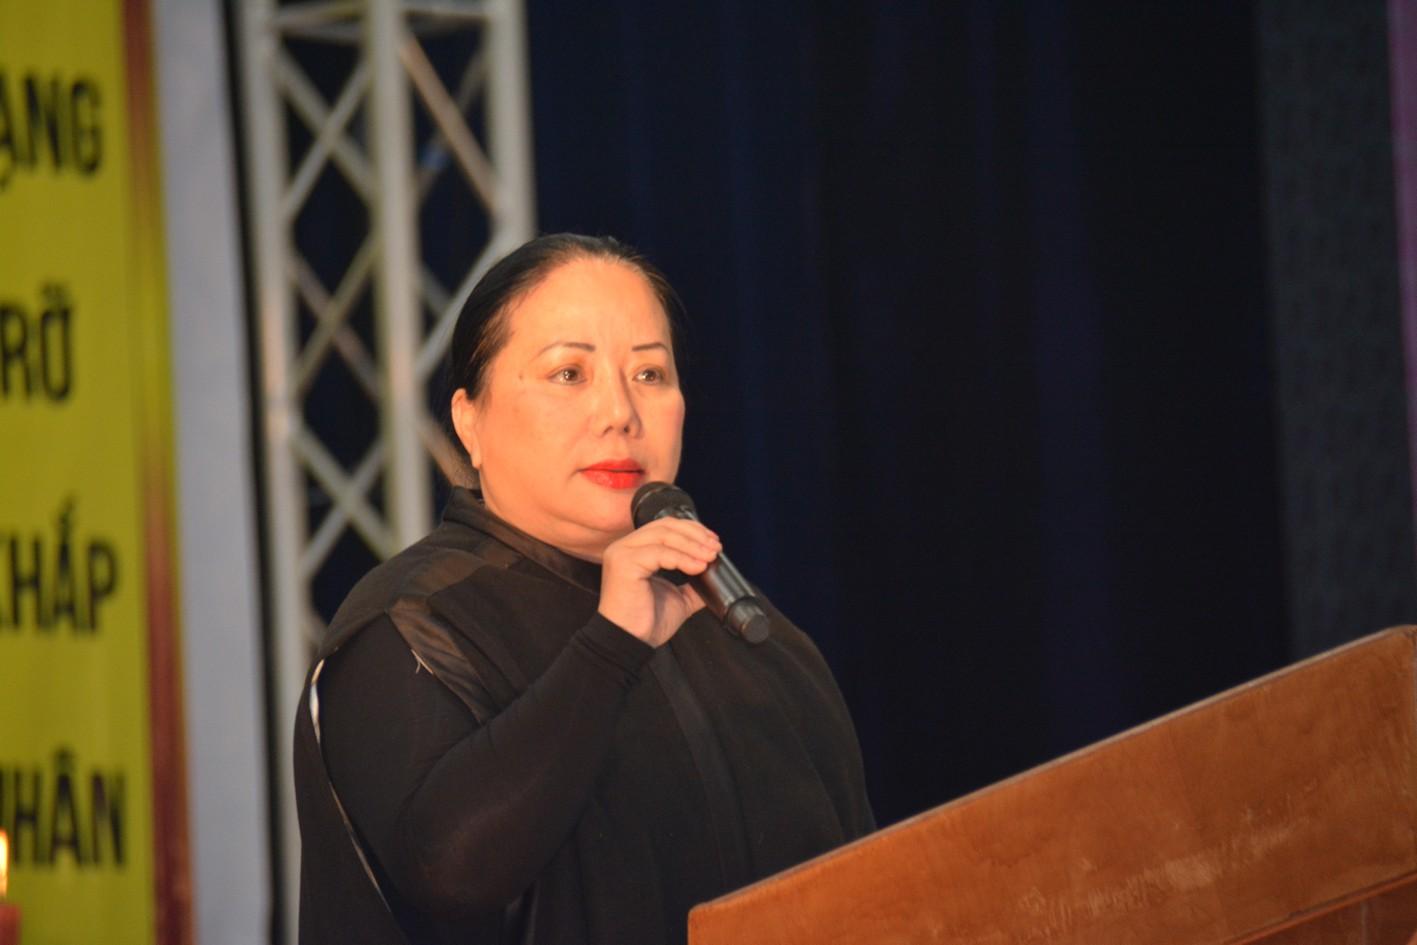 Luật sư Trần Thị Minh Tâm giải thích diễn tiến pháp lý trong vụ tiếm danh GHPGVNTN của Sư Giác Đẳng